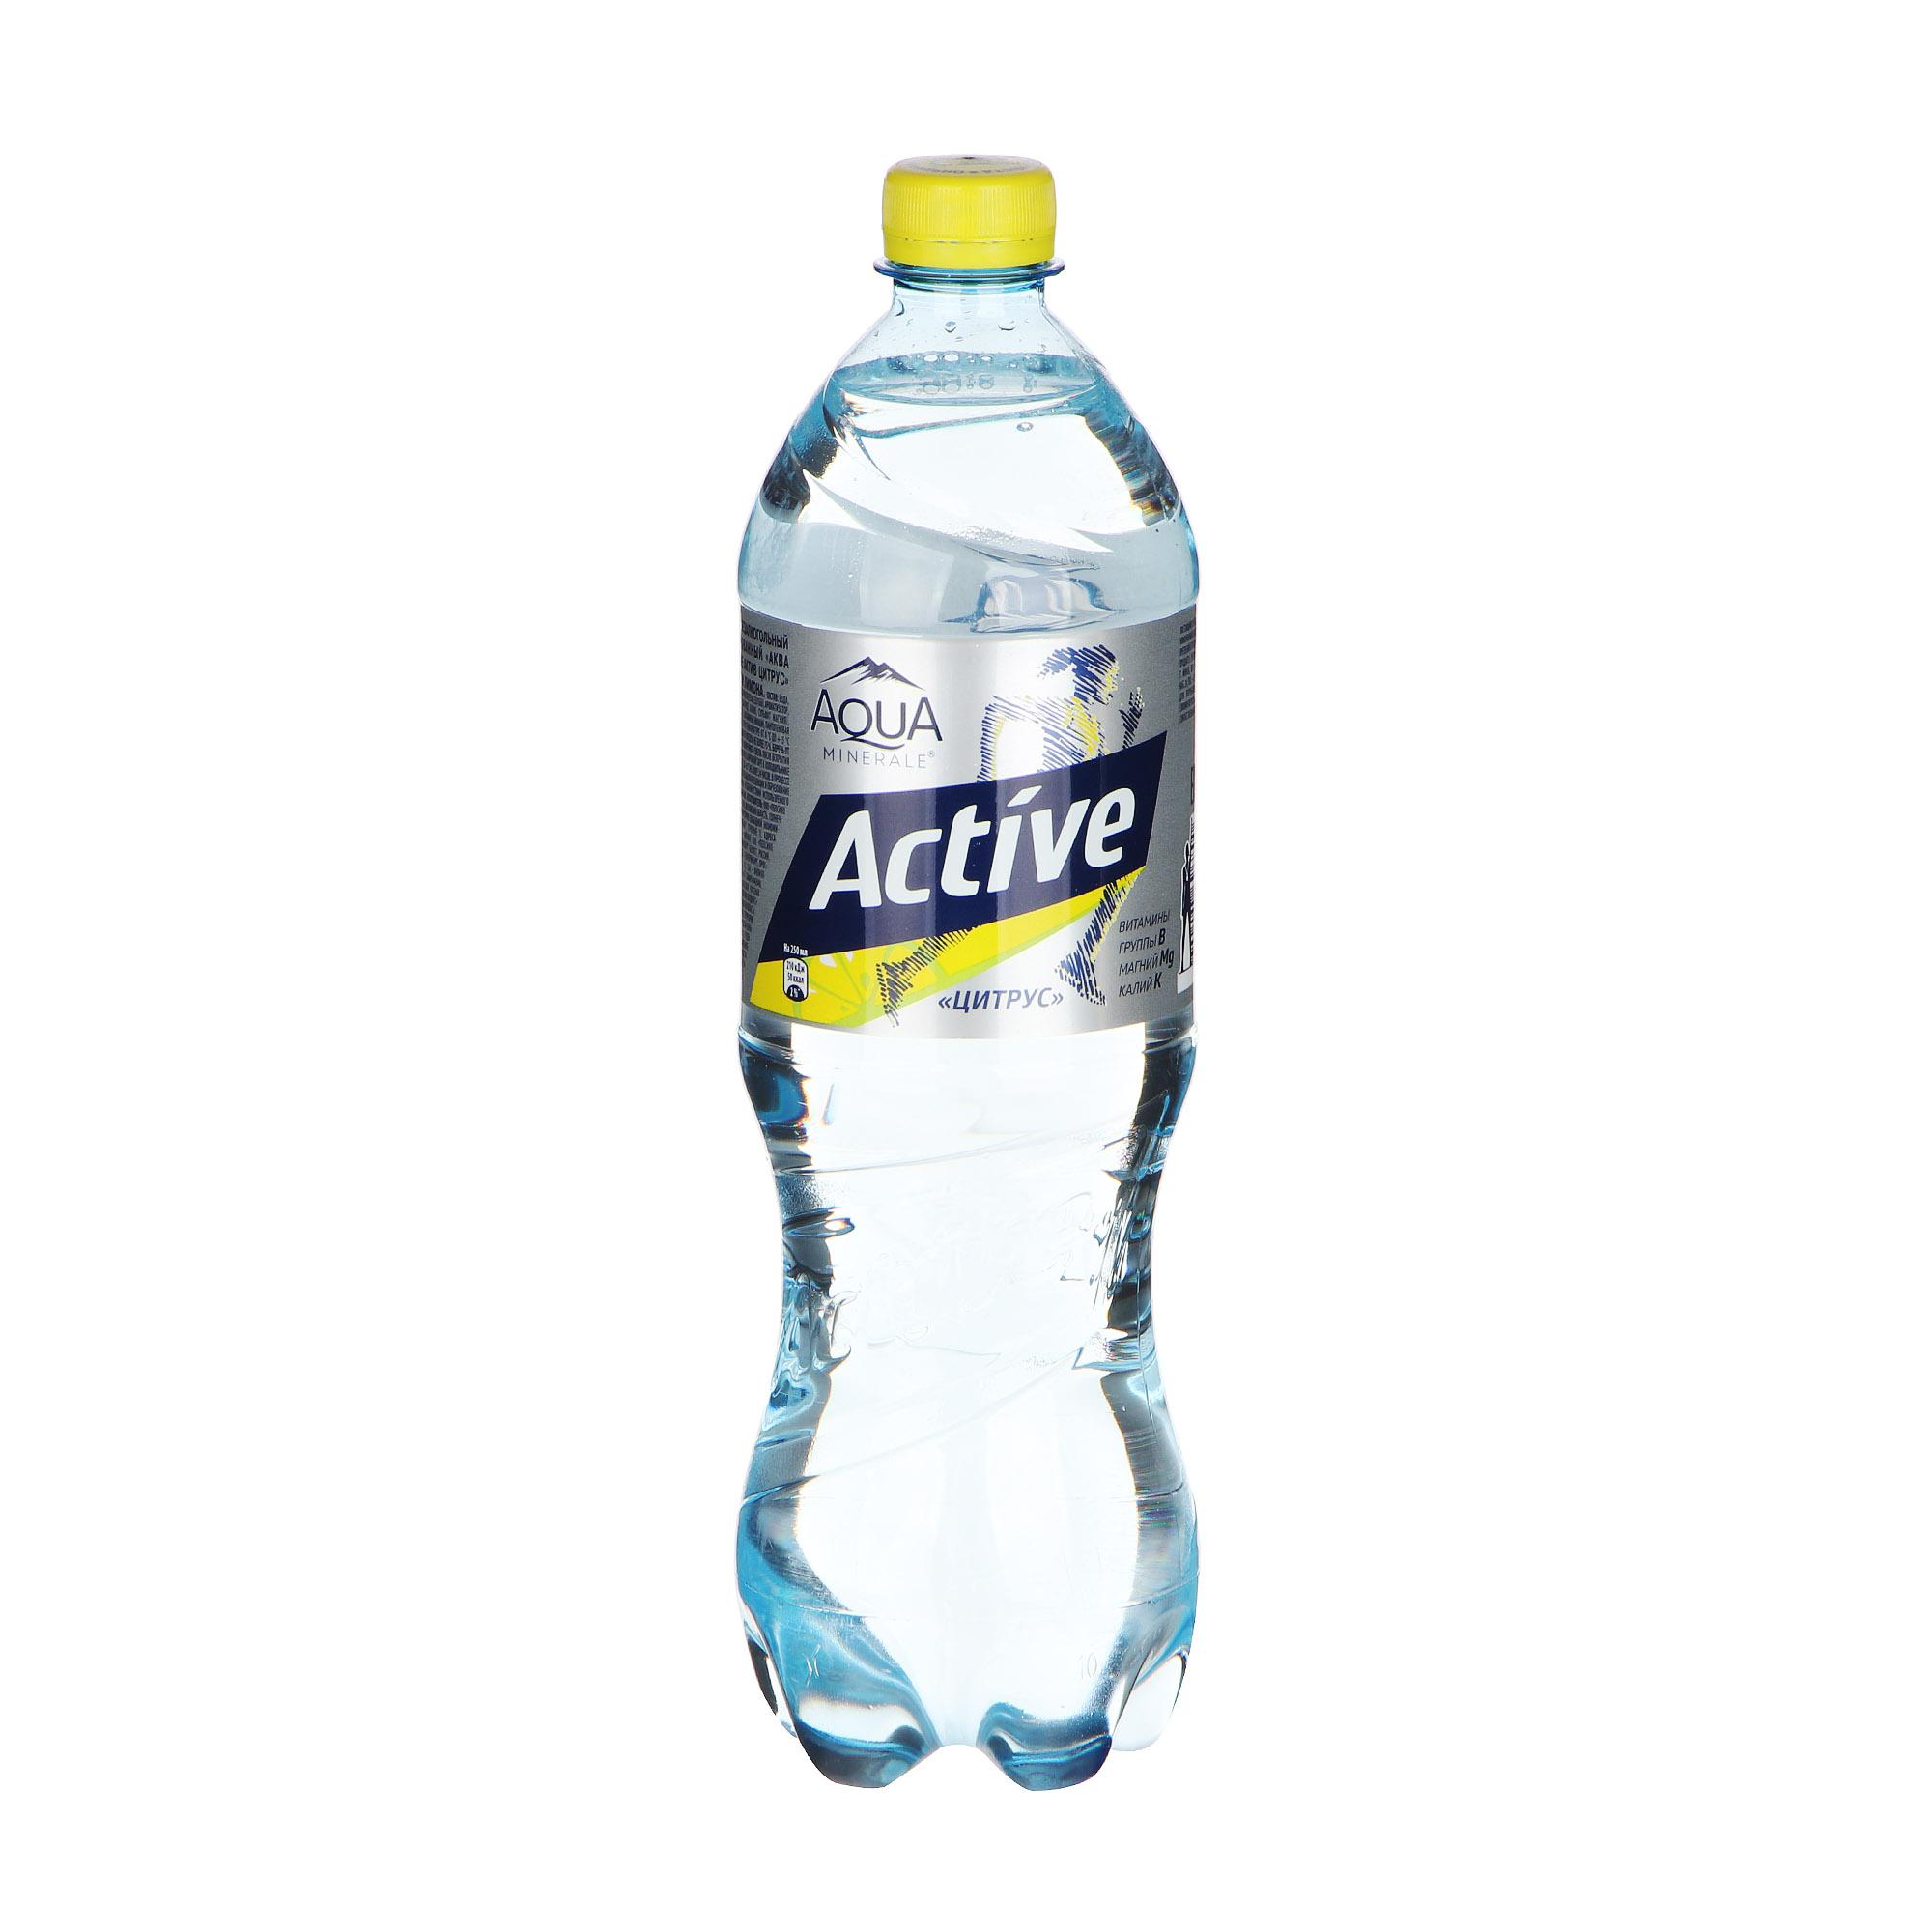 Фото - Вода Aqua Minerale Актив цитрус 1 л вода aqua minerale малина 500 мл